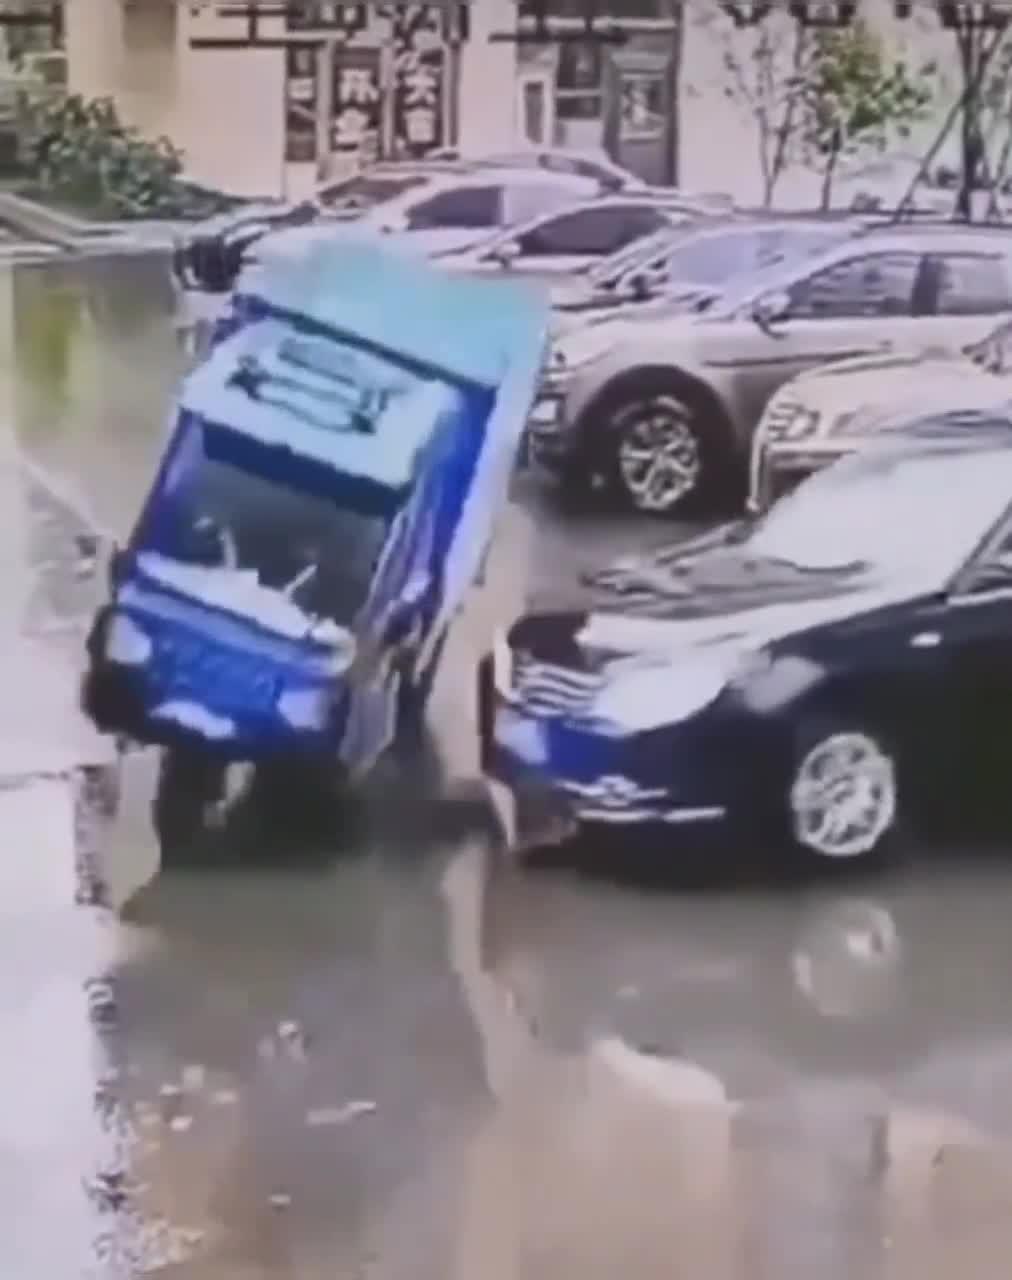 Pha xử lý thượng thừa của tài xế lái xe 3 bánh